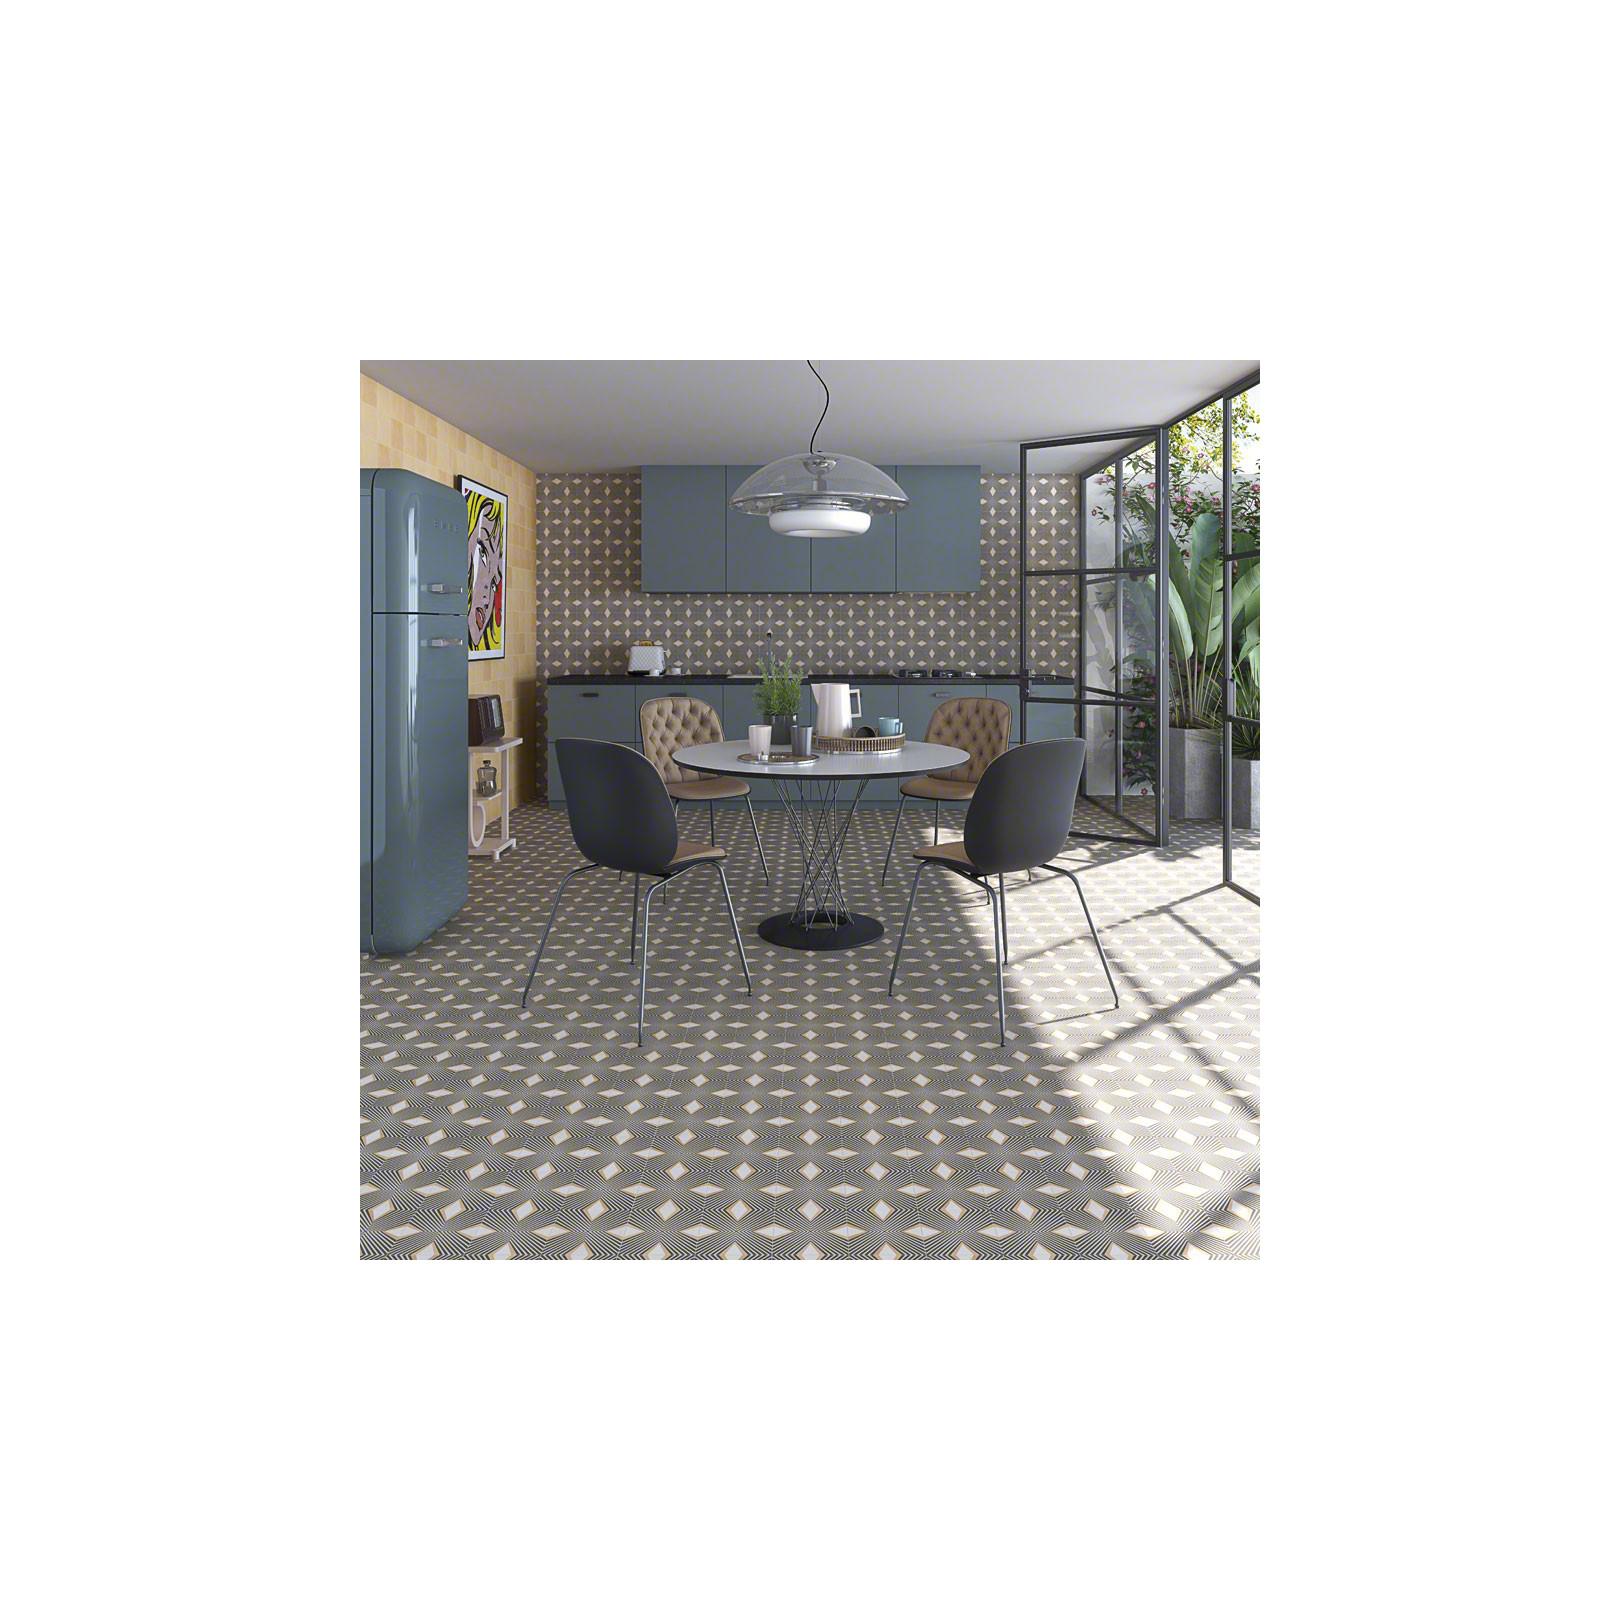 Carrelage grès cérame effet carreau ciment motif blue foncé et beige POP Tile Saville 15x15cm